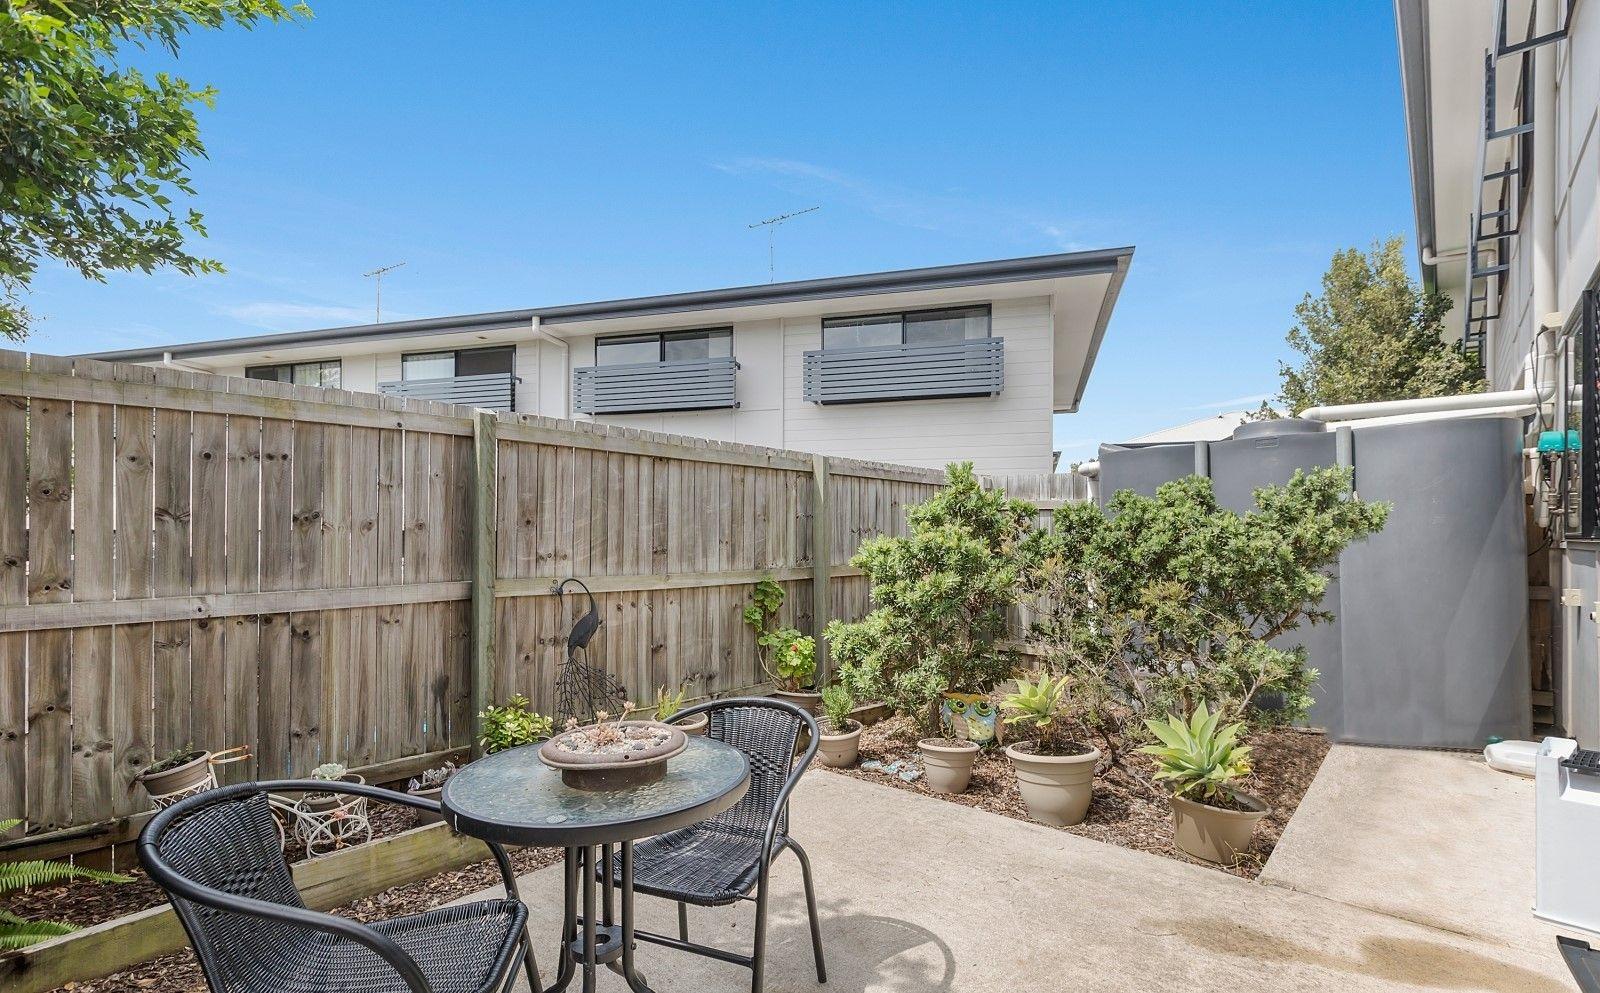 6/106 Ann Street, Kallangur QLD 4503, Image 0